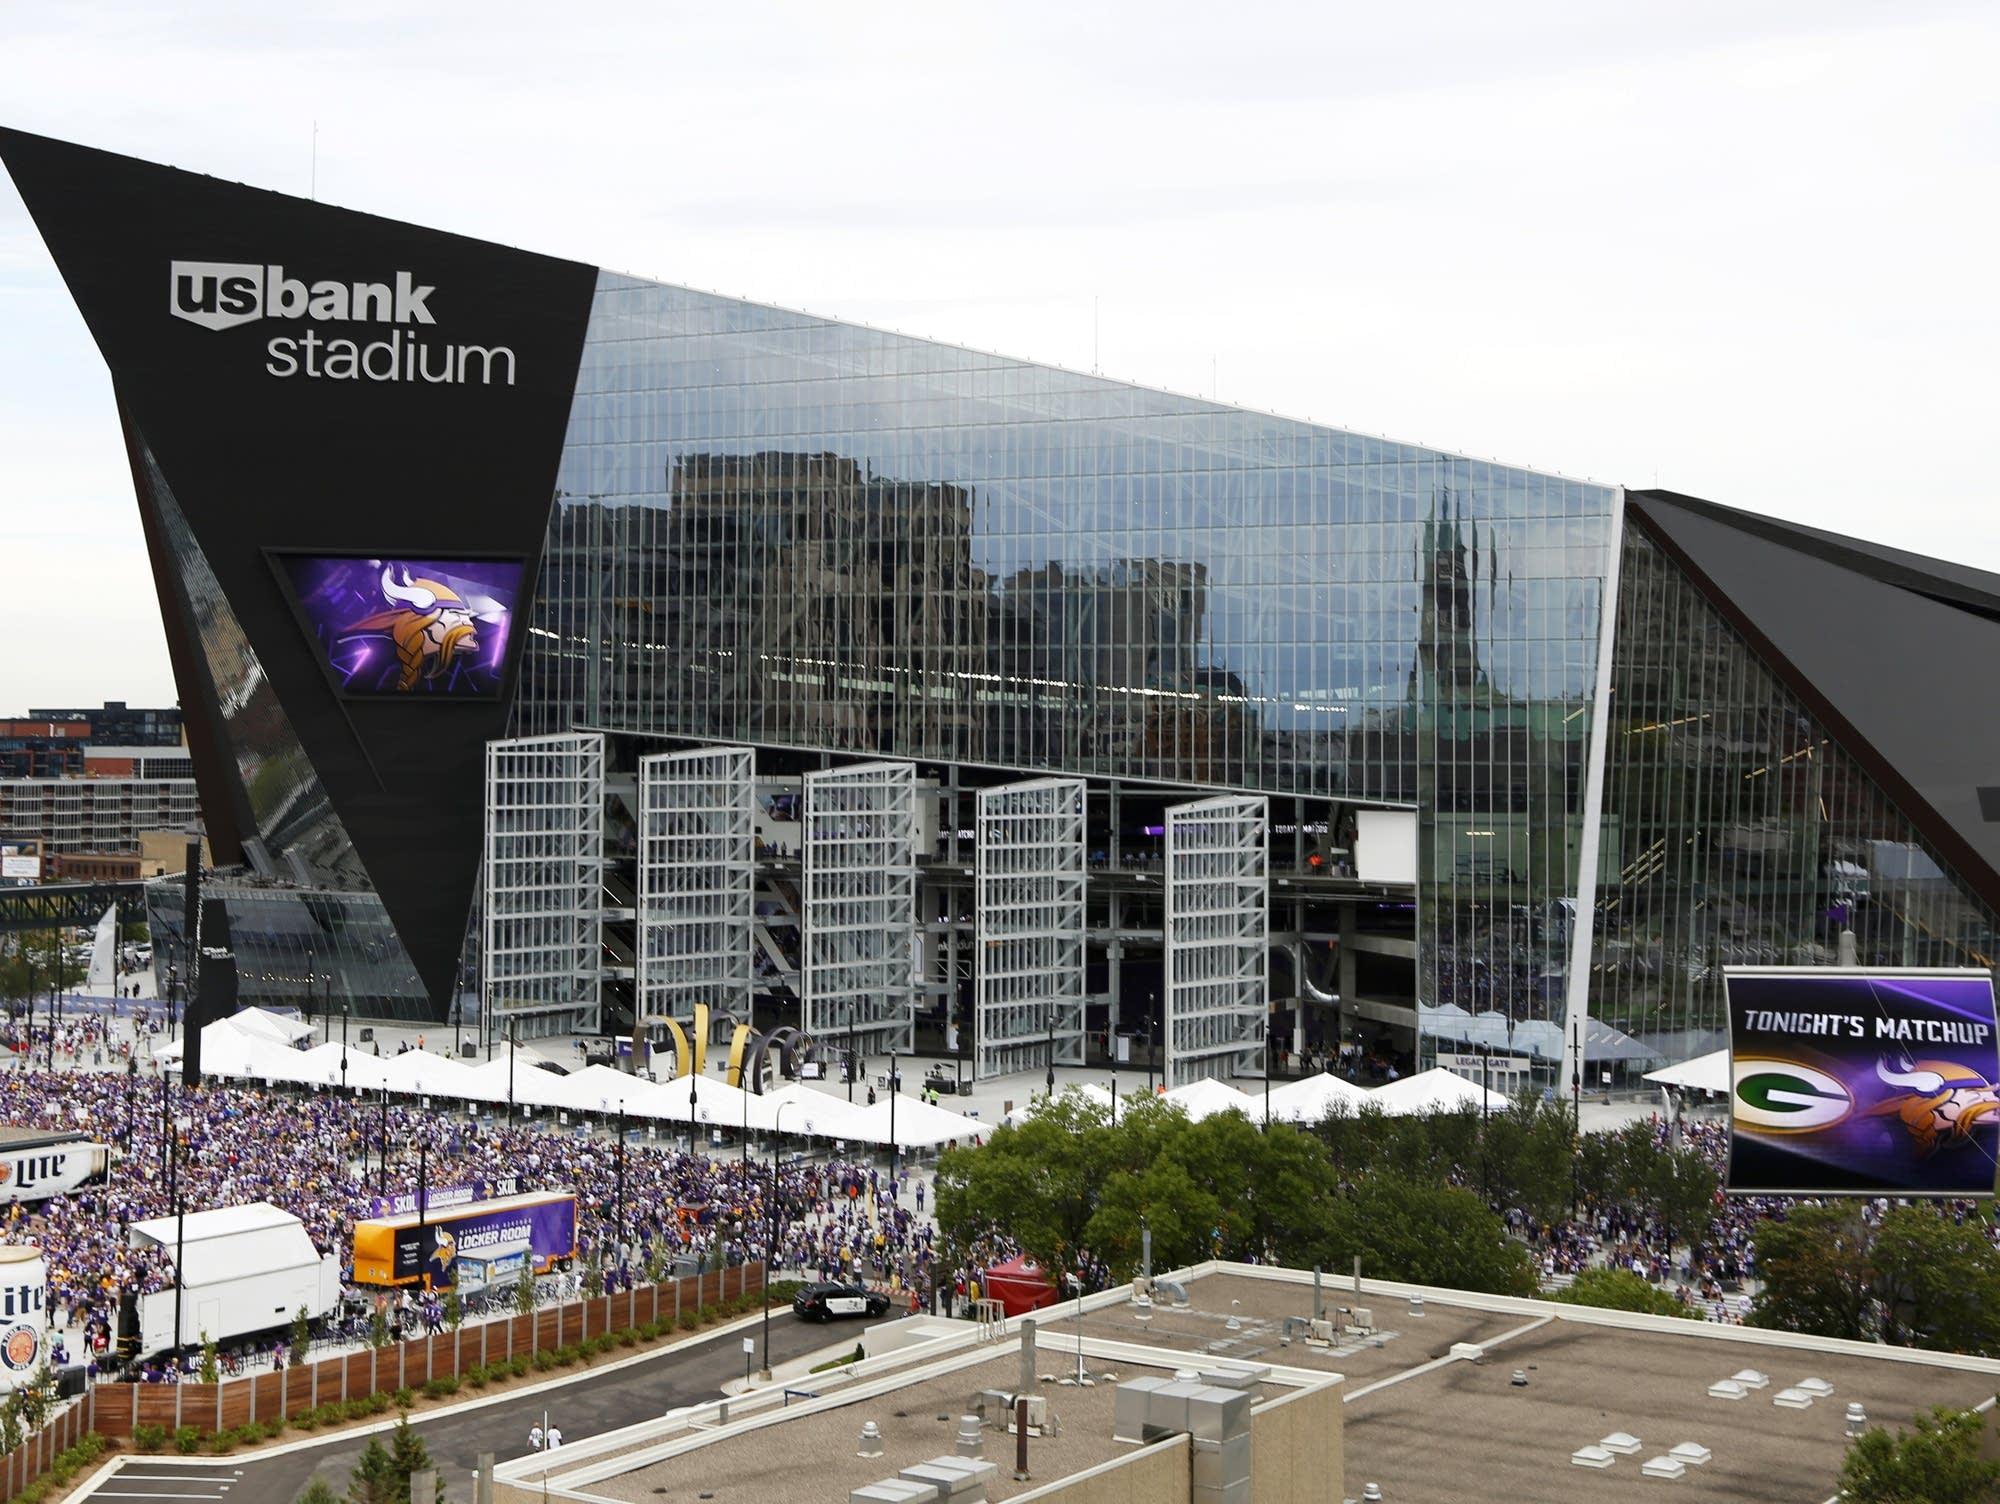 New Minnesota Vikings Stadium